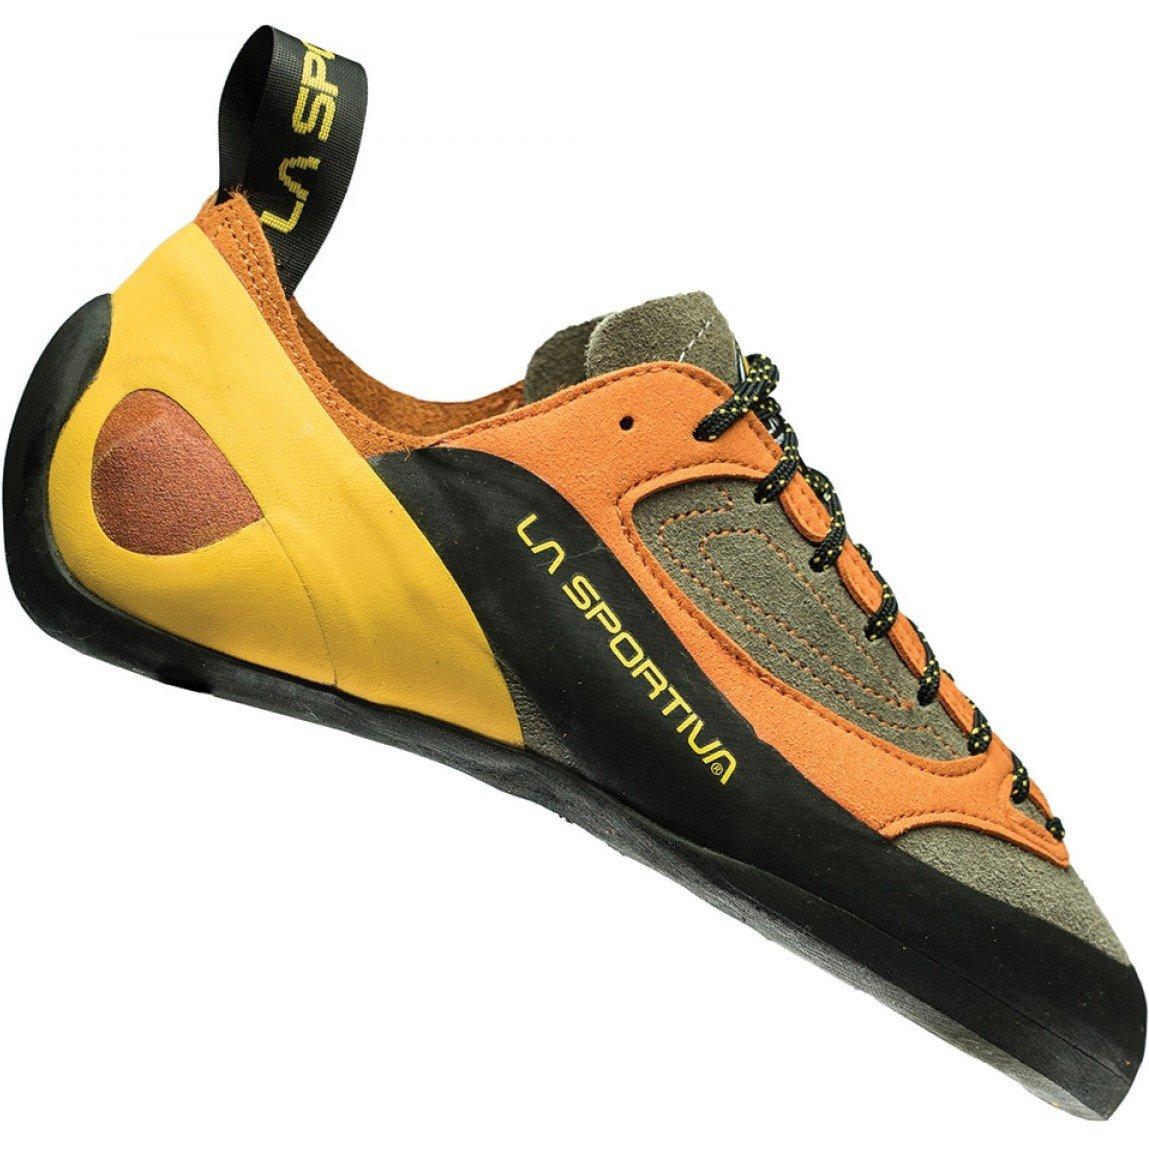 La Sportiva Finale Climbing Shoes 13.5 B(M) US Women/12.5 D(M) US Brown Orange by La Sportiva